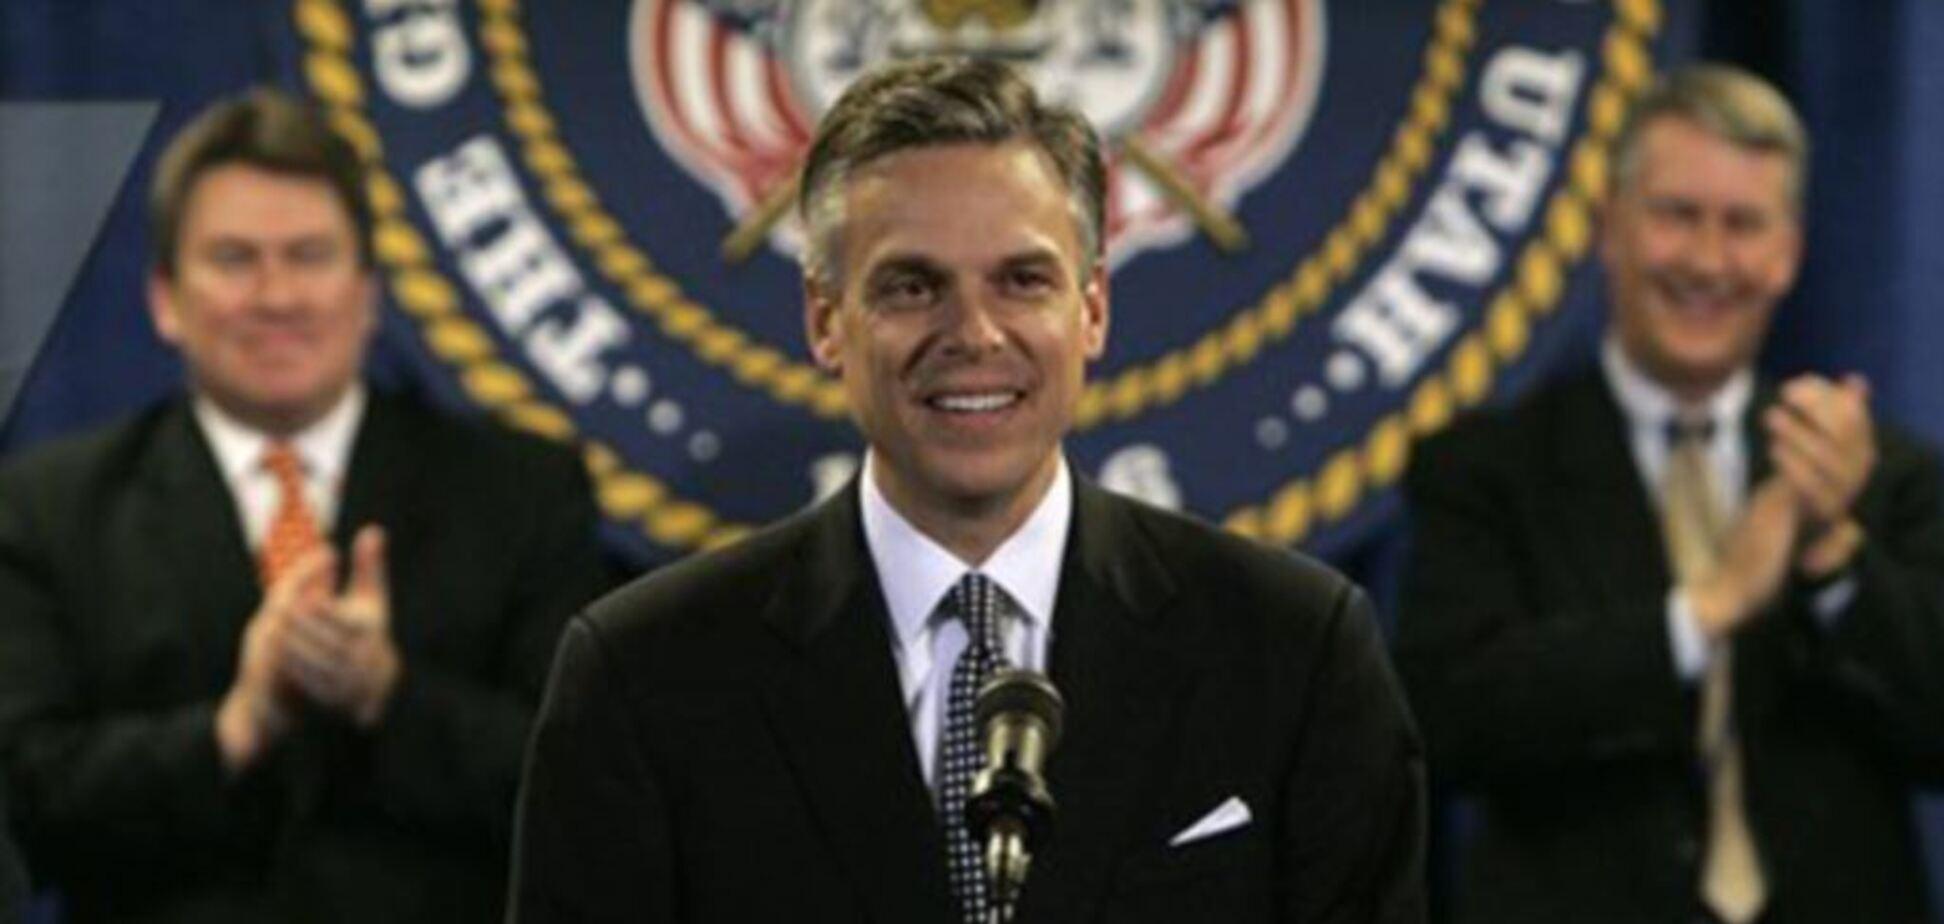 'Придется приспособиться': посол США дал оценку выборам в Украине